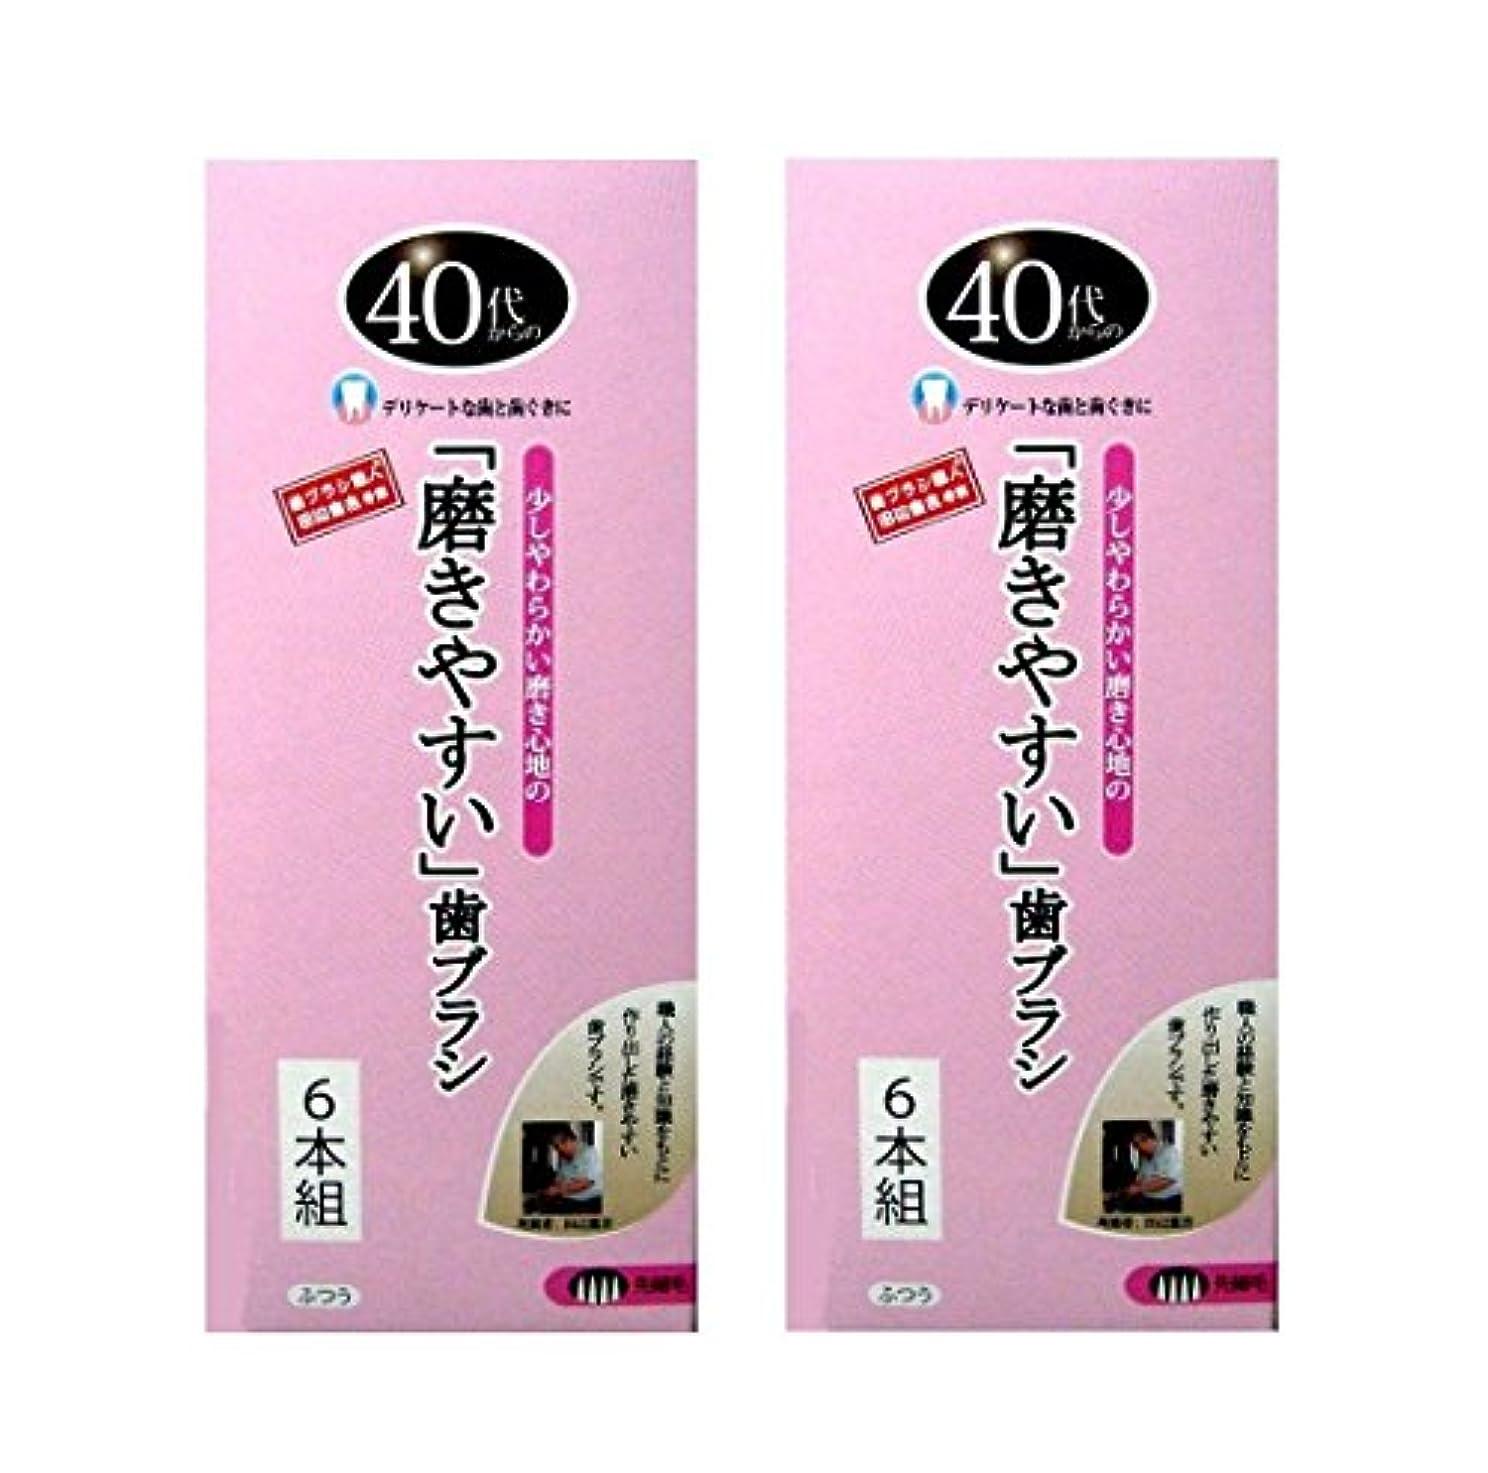 吐く銛乞食歯ブラシ職人 Artooth ® 田辺重吉の磨きやすい 40代からの歯ブラシ 歯ぐきにやさしい 細めの毛 先細毛 日本製 12本セットLT-15-12